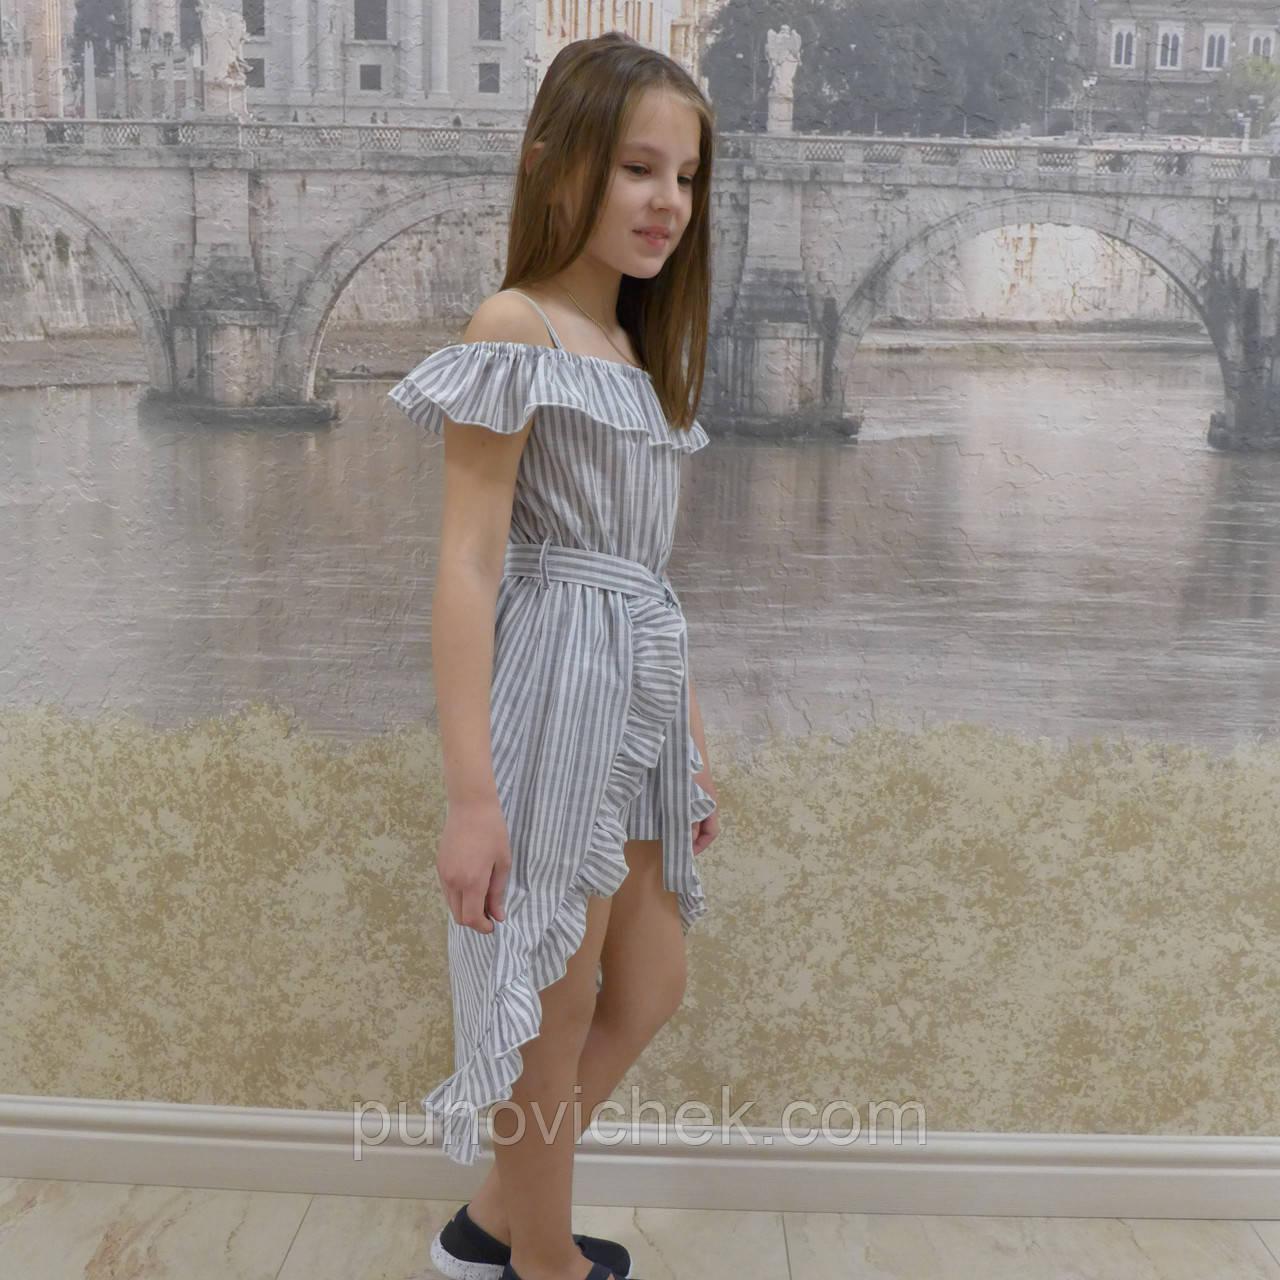 035f37c58cc Красивое летнее платье для девочки интернет магазин - Интернет магазин  Линия одежды в Харькове